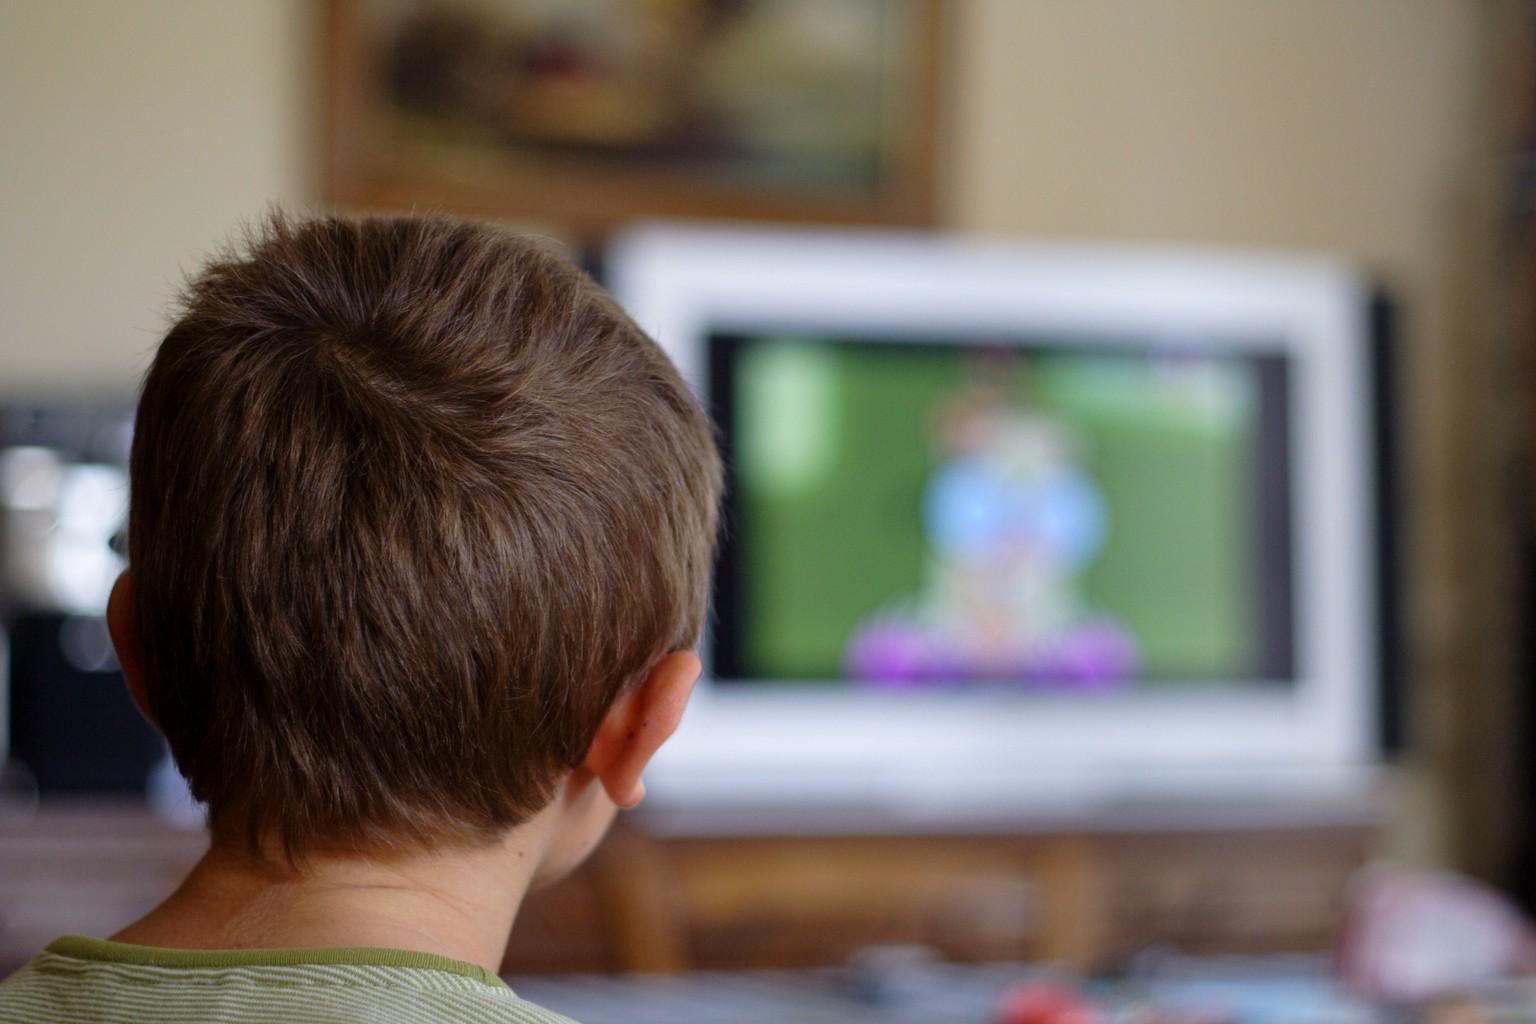 faut il surveiller ce qu 39 un enfant regarde la tv. Black Bedroom Furniture Sets. Home Design Ideas